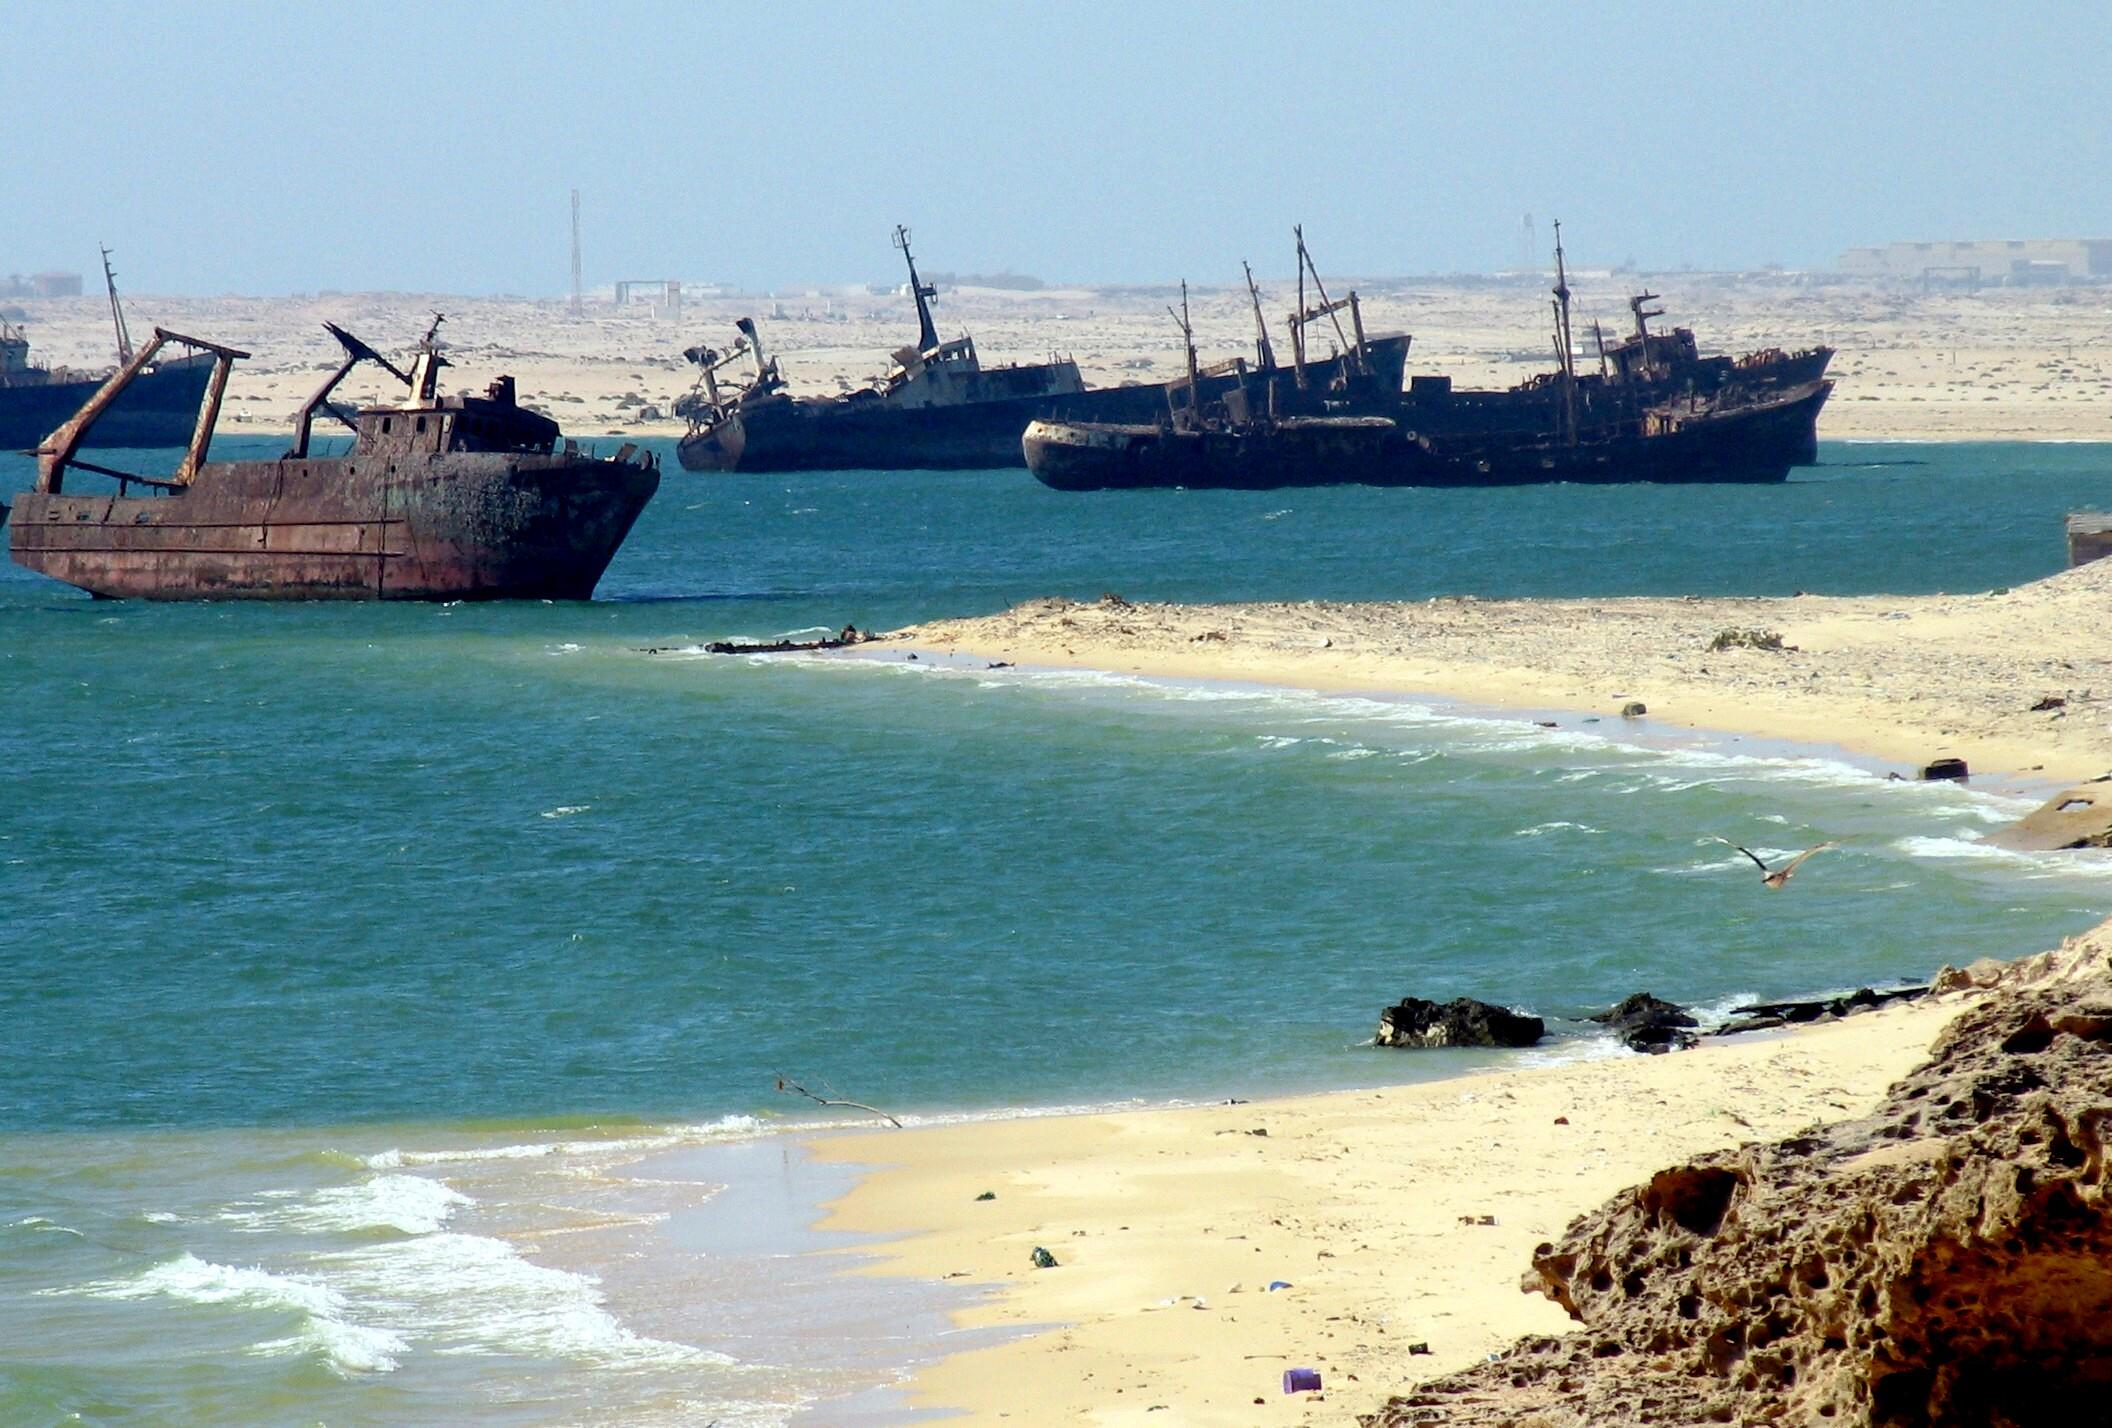 El mayor cementerio de barcos del mundo Ships_graveyard,_Nouadhibou,_Mauritania-2